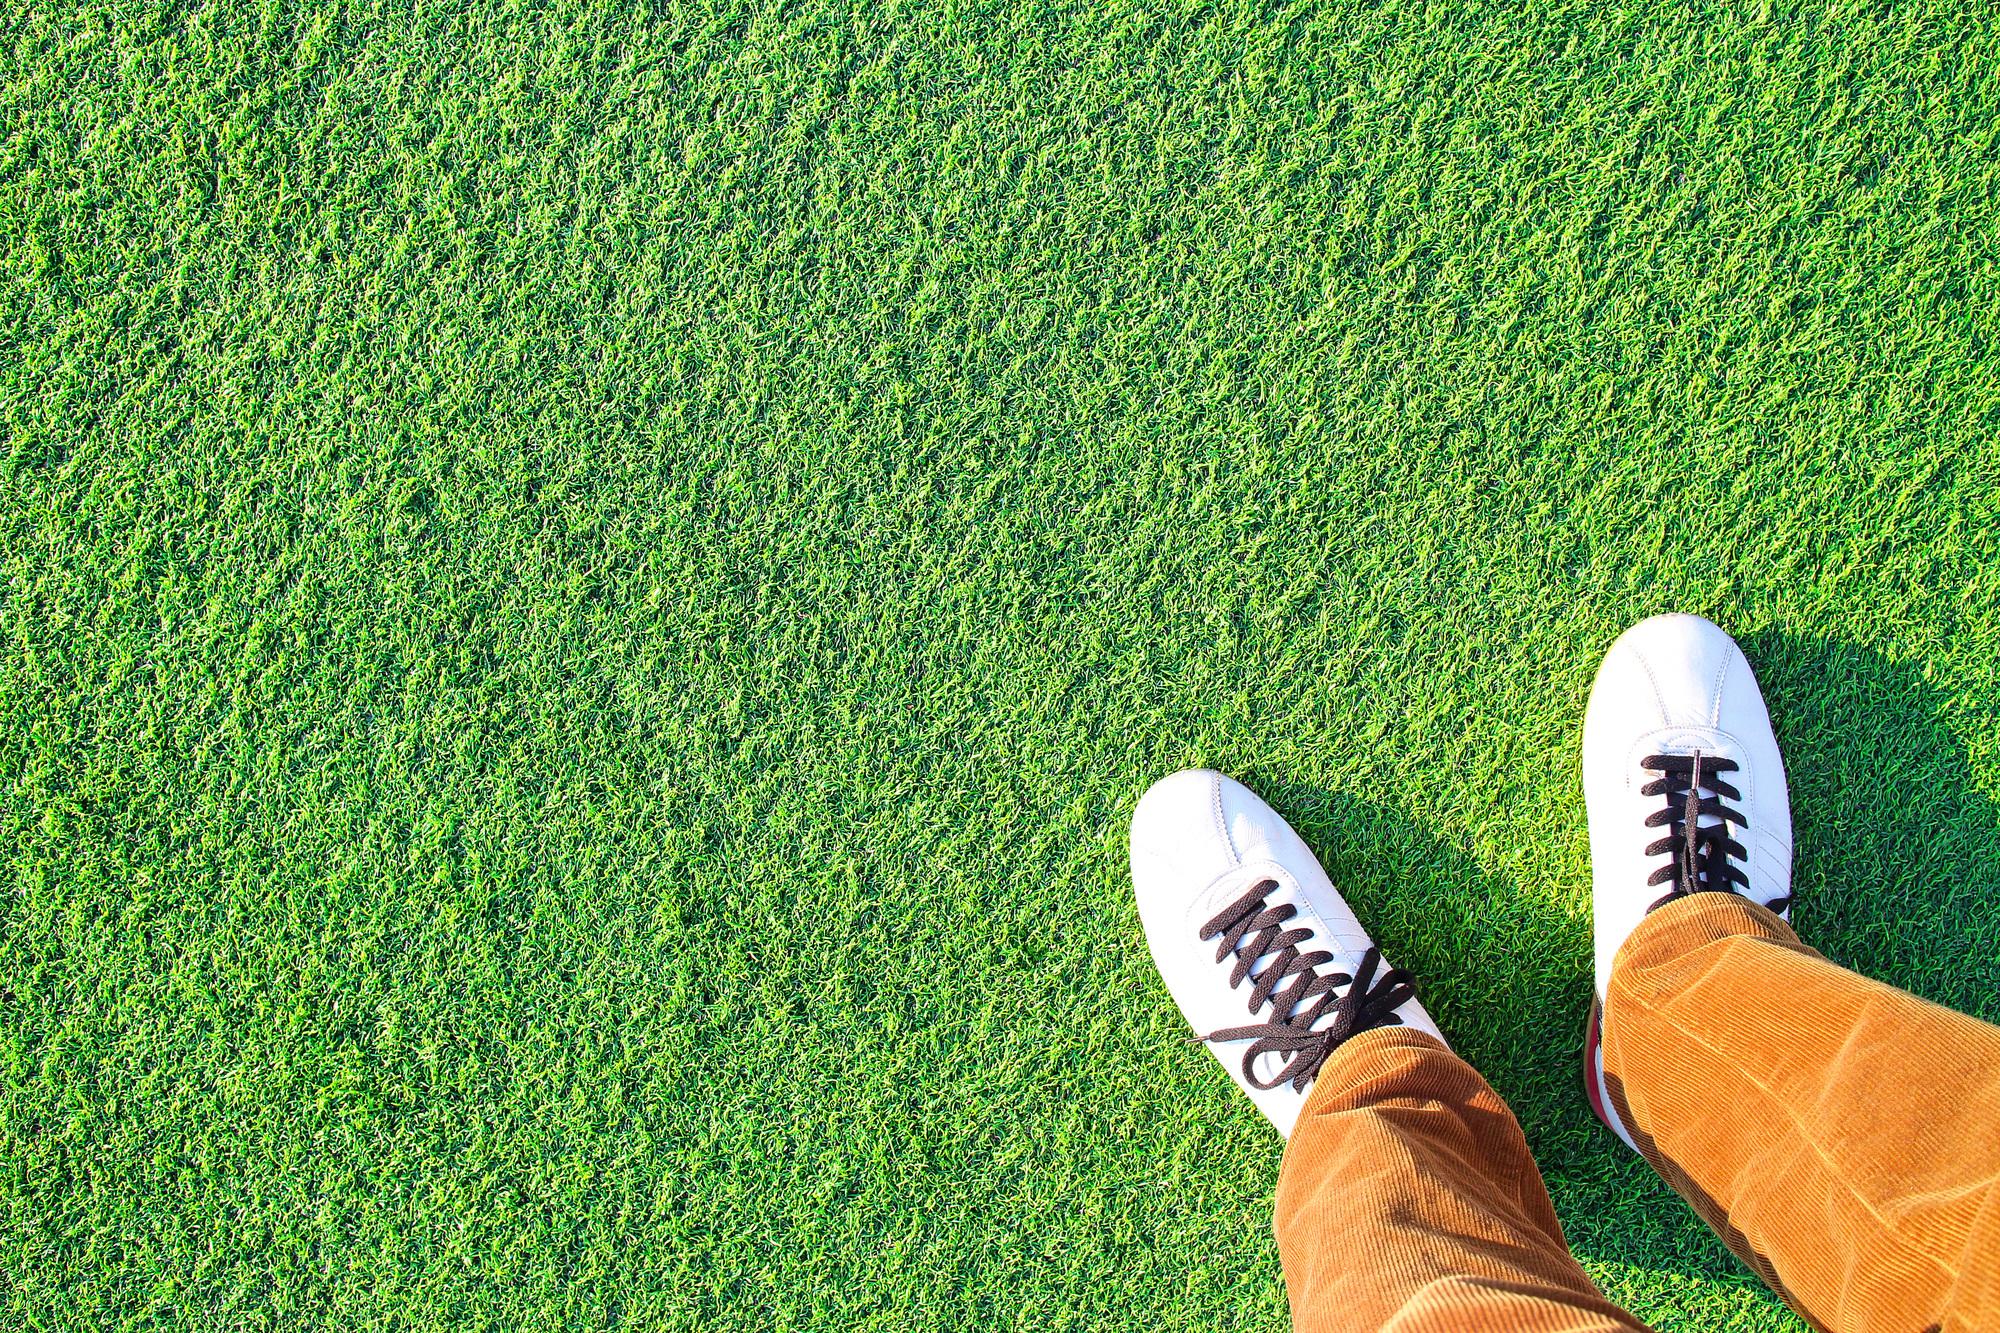 人工芝の耐用年数と交換時の処分方法を紹介